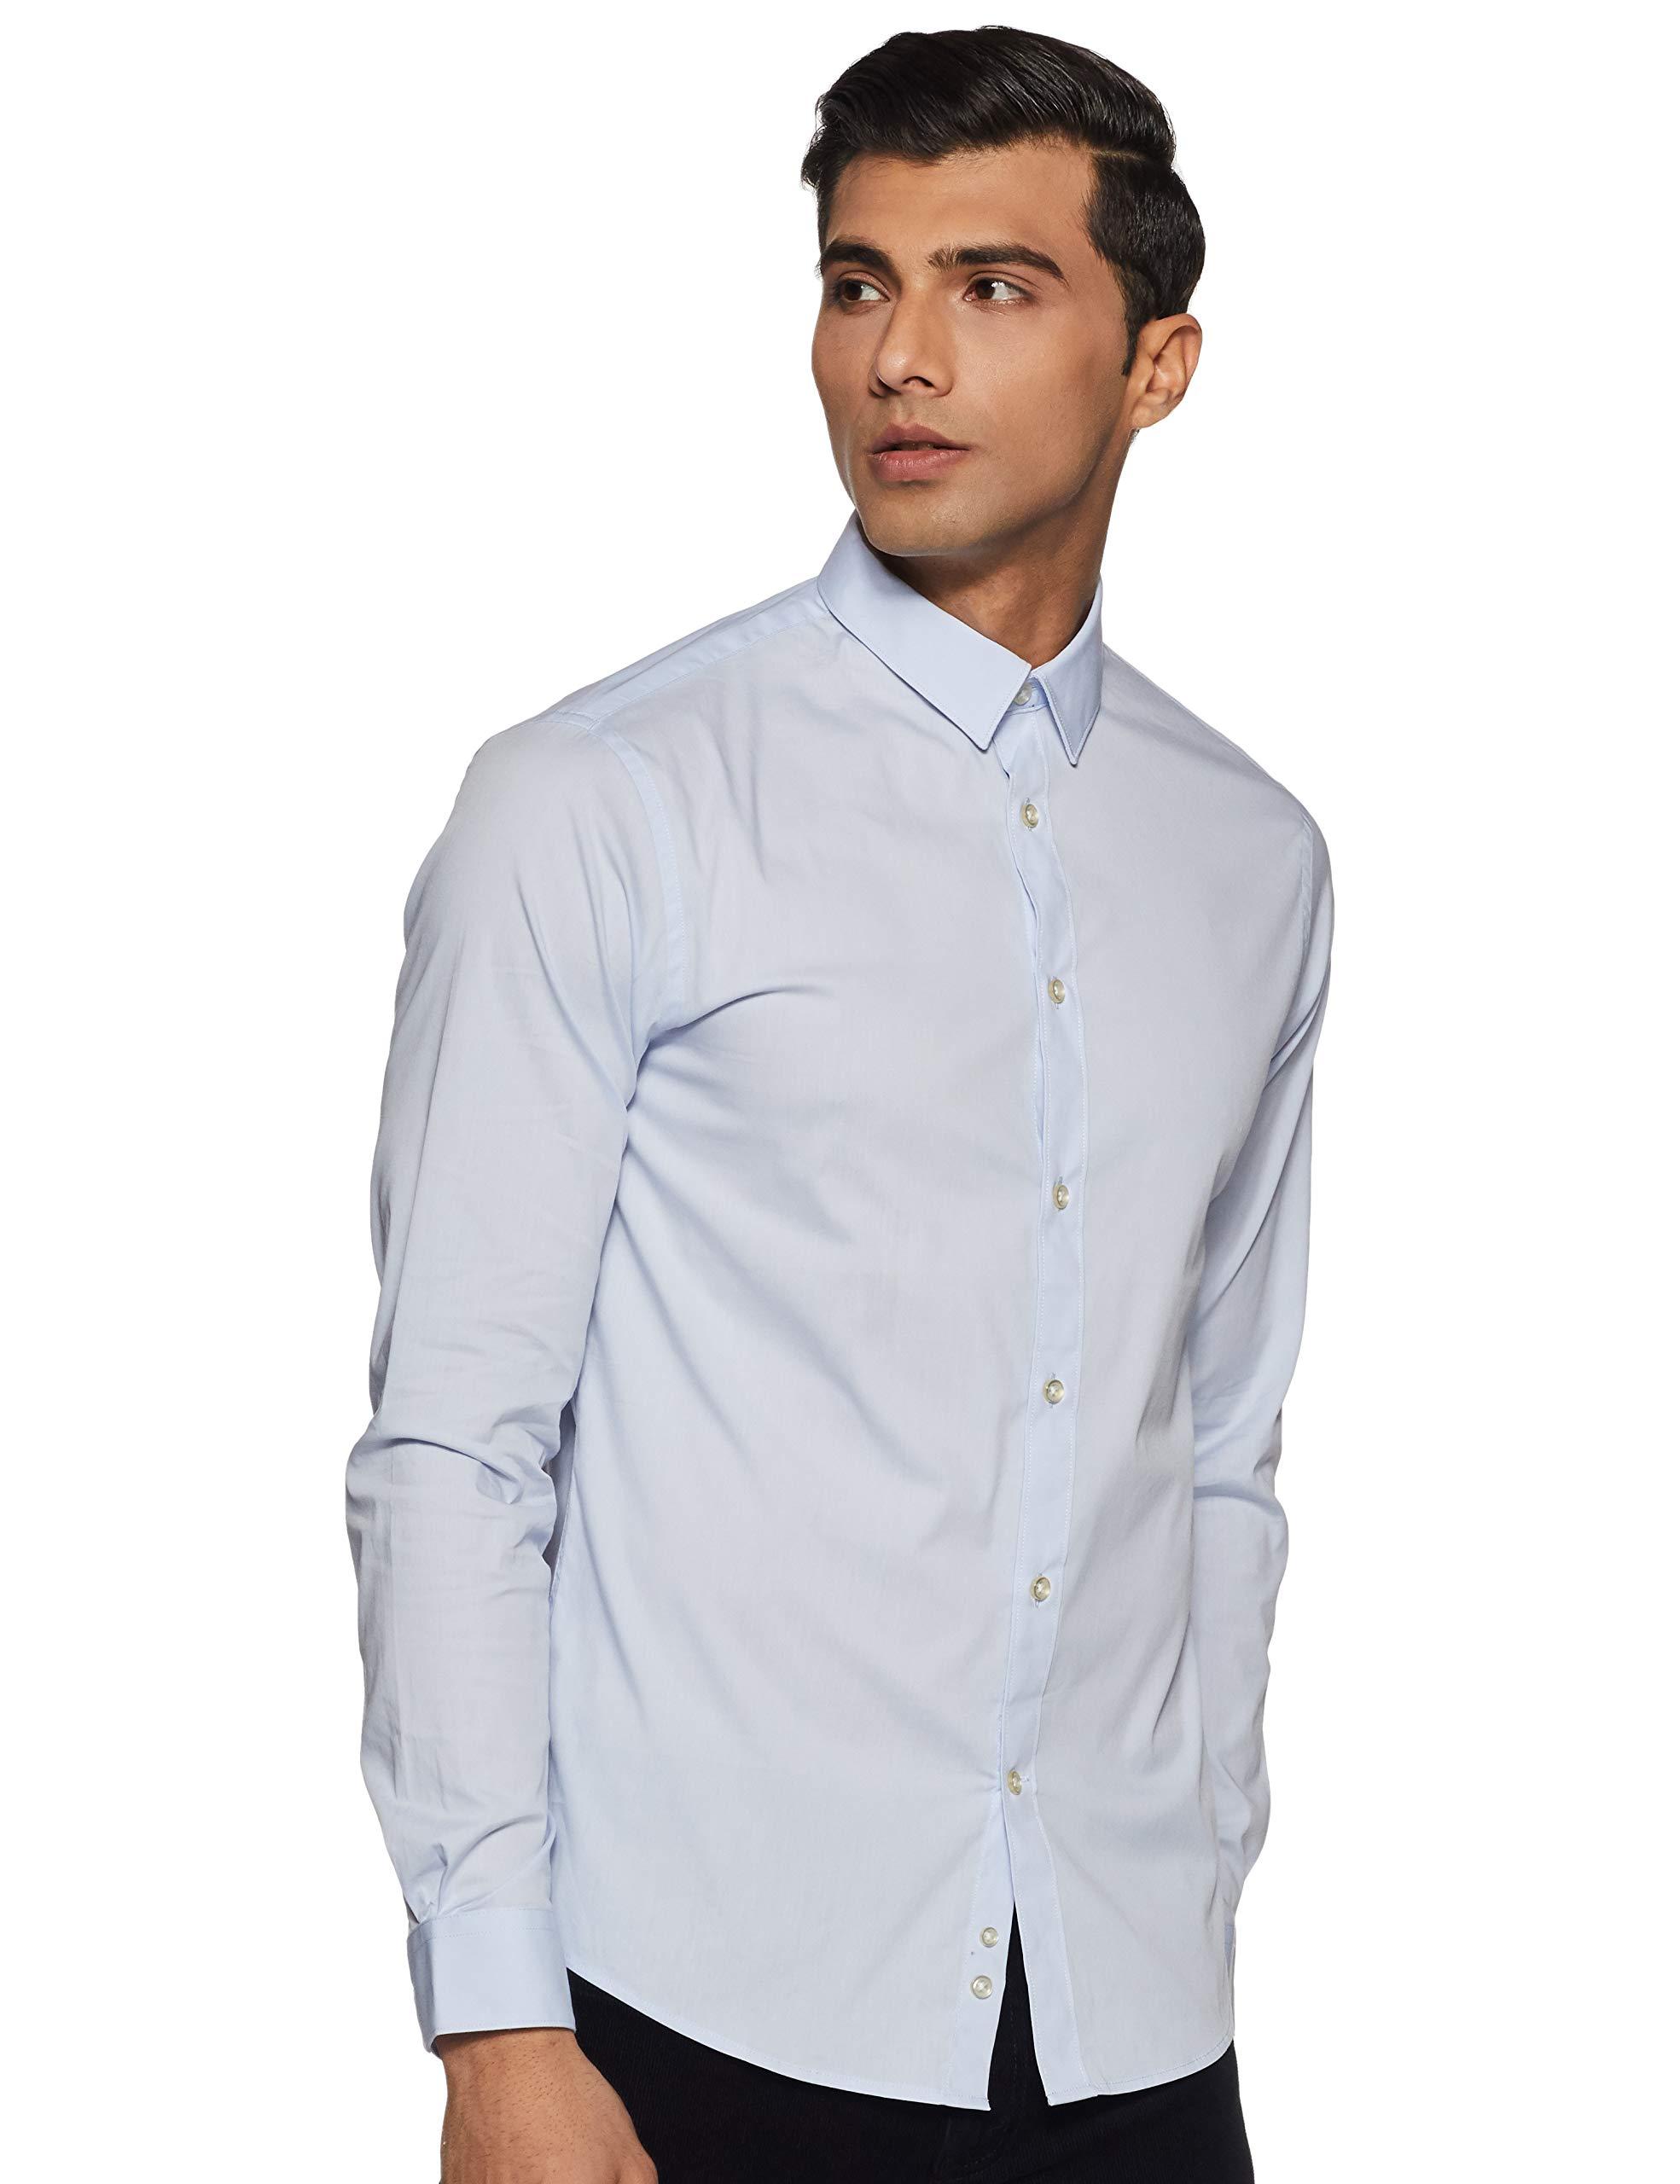 51c43f4b3e37 Top Chemises habillées homme selon les notes Amazon.fr